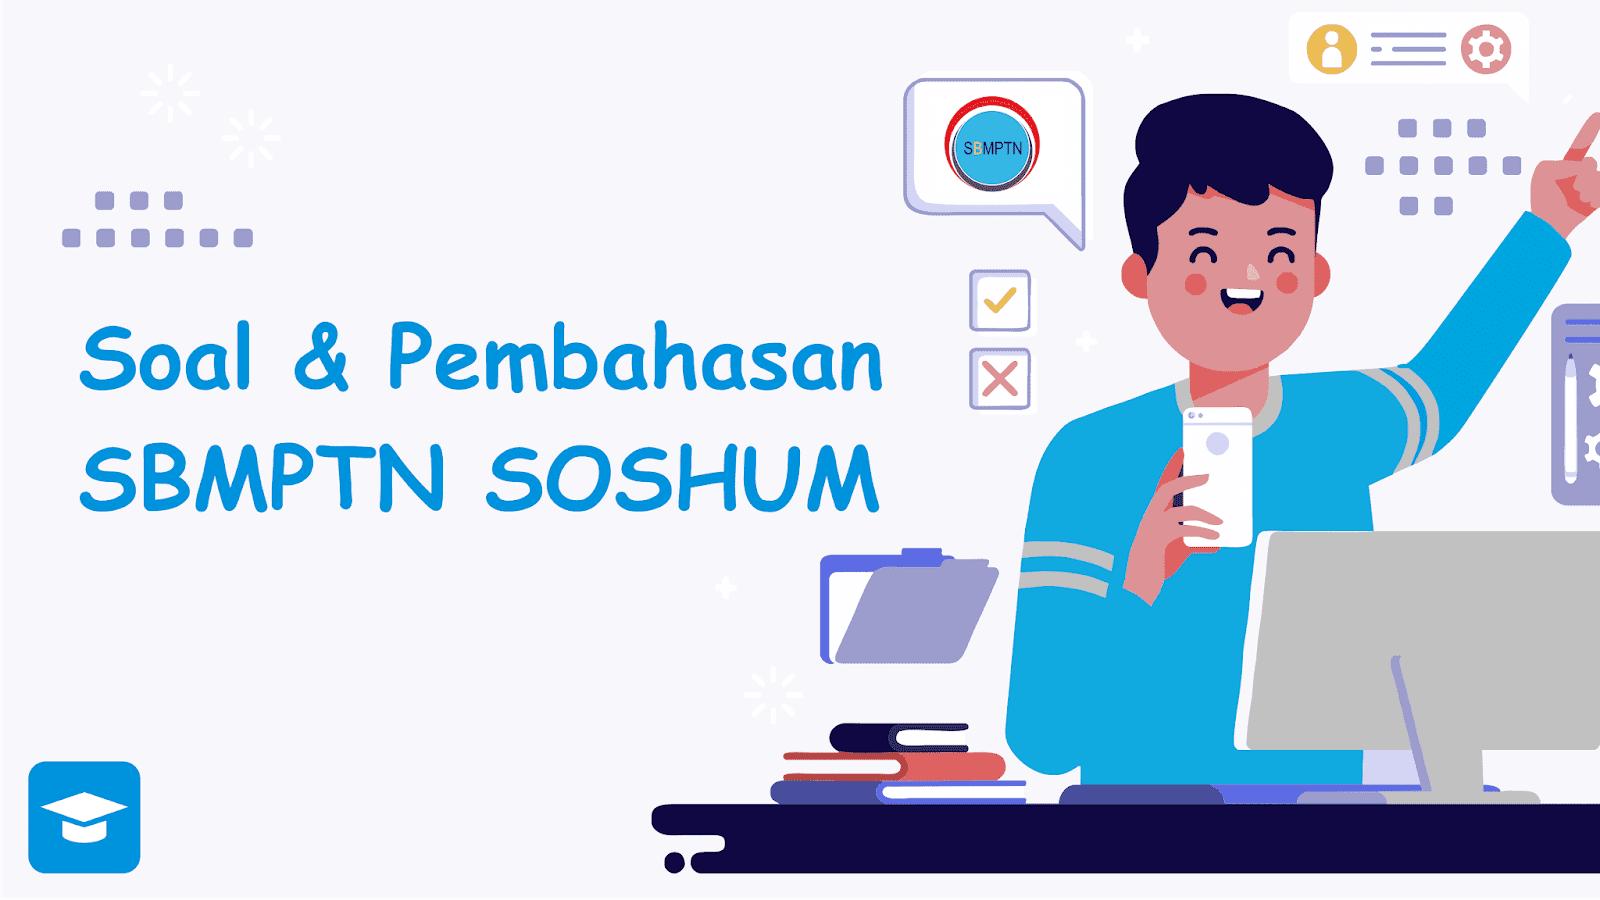 Download soal dan pembahasan SBMPTN SOSHUM